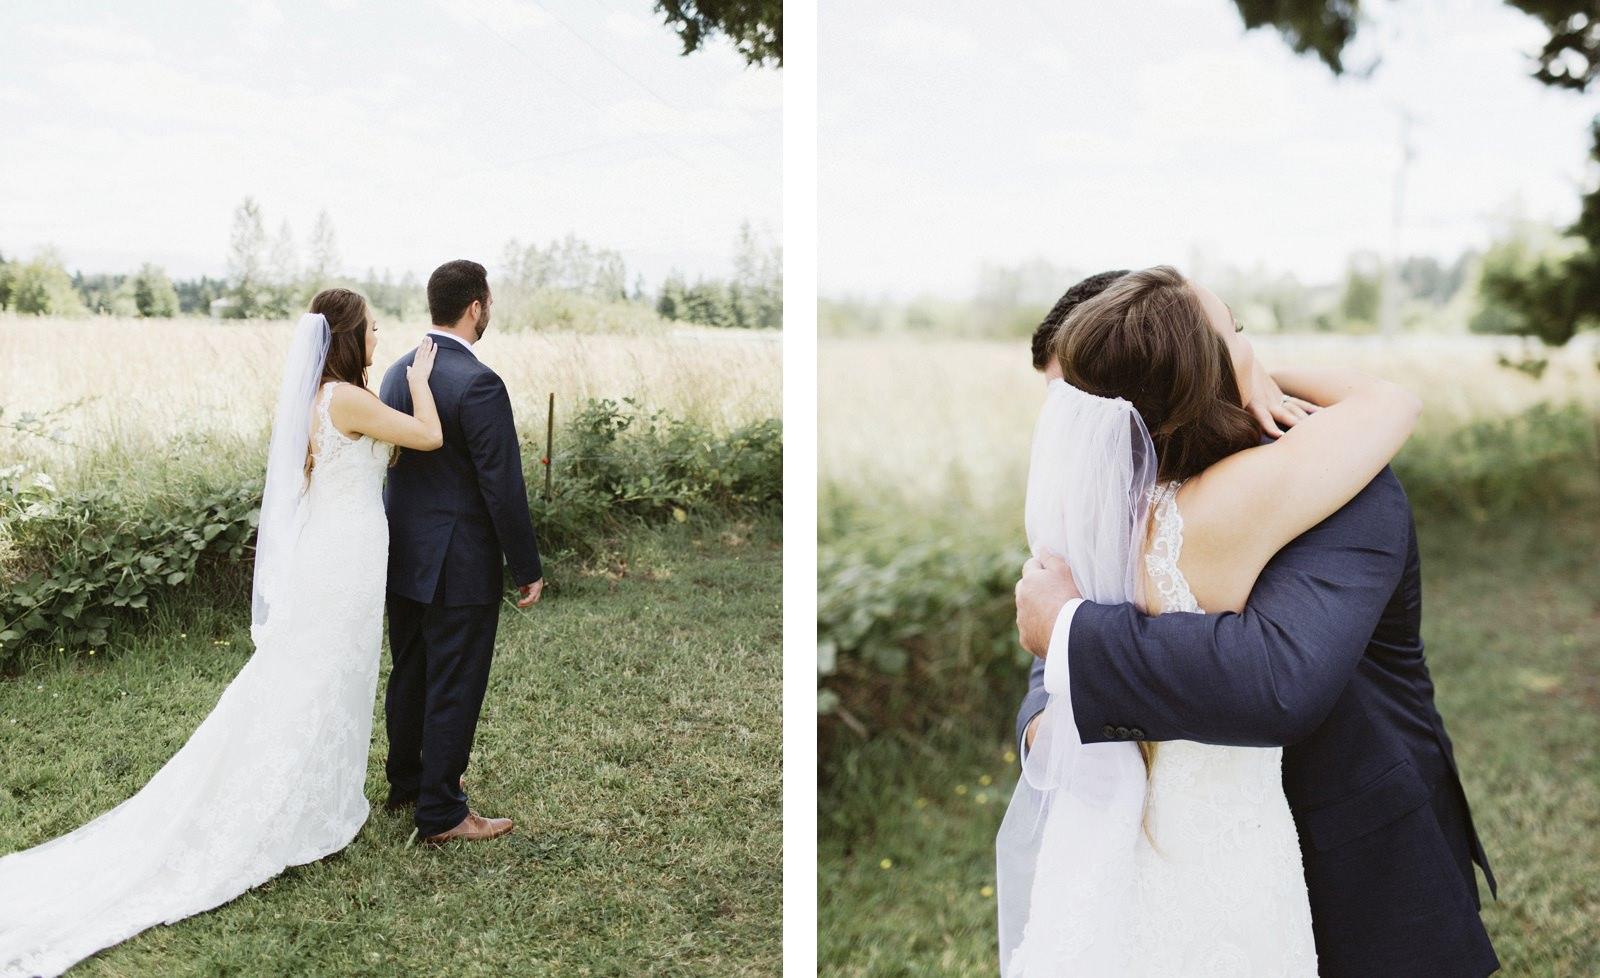 drewtiawna-blog-04 YELLOW BARN WEDDING